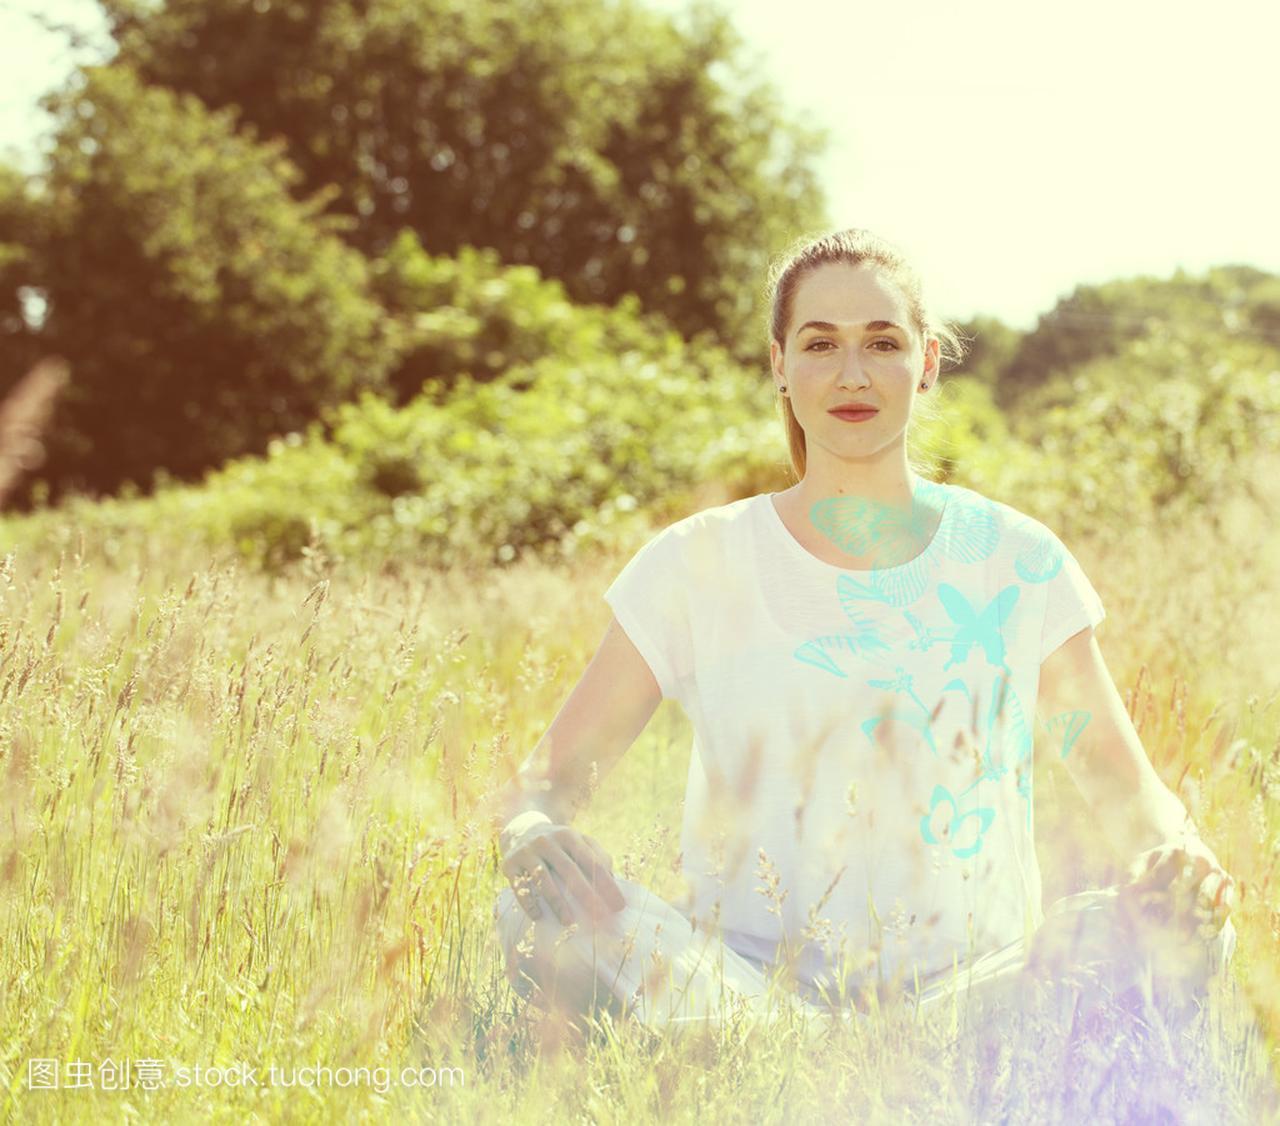 女生的效果禅漂亮的蝴蝶v女生腿,蓝色女孩杨颖阳光四个图片